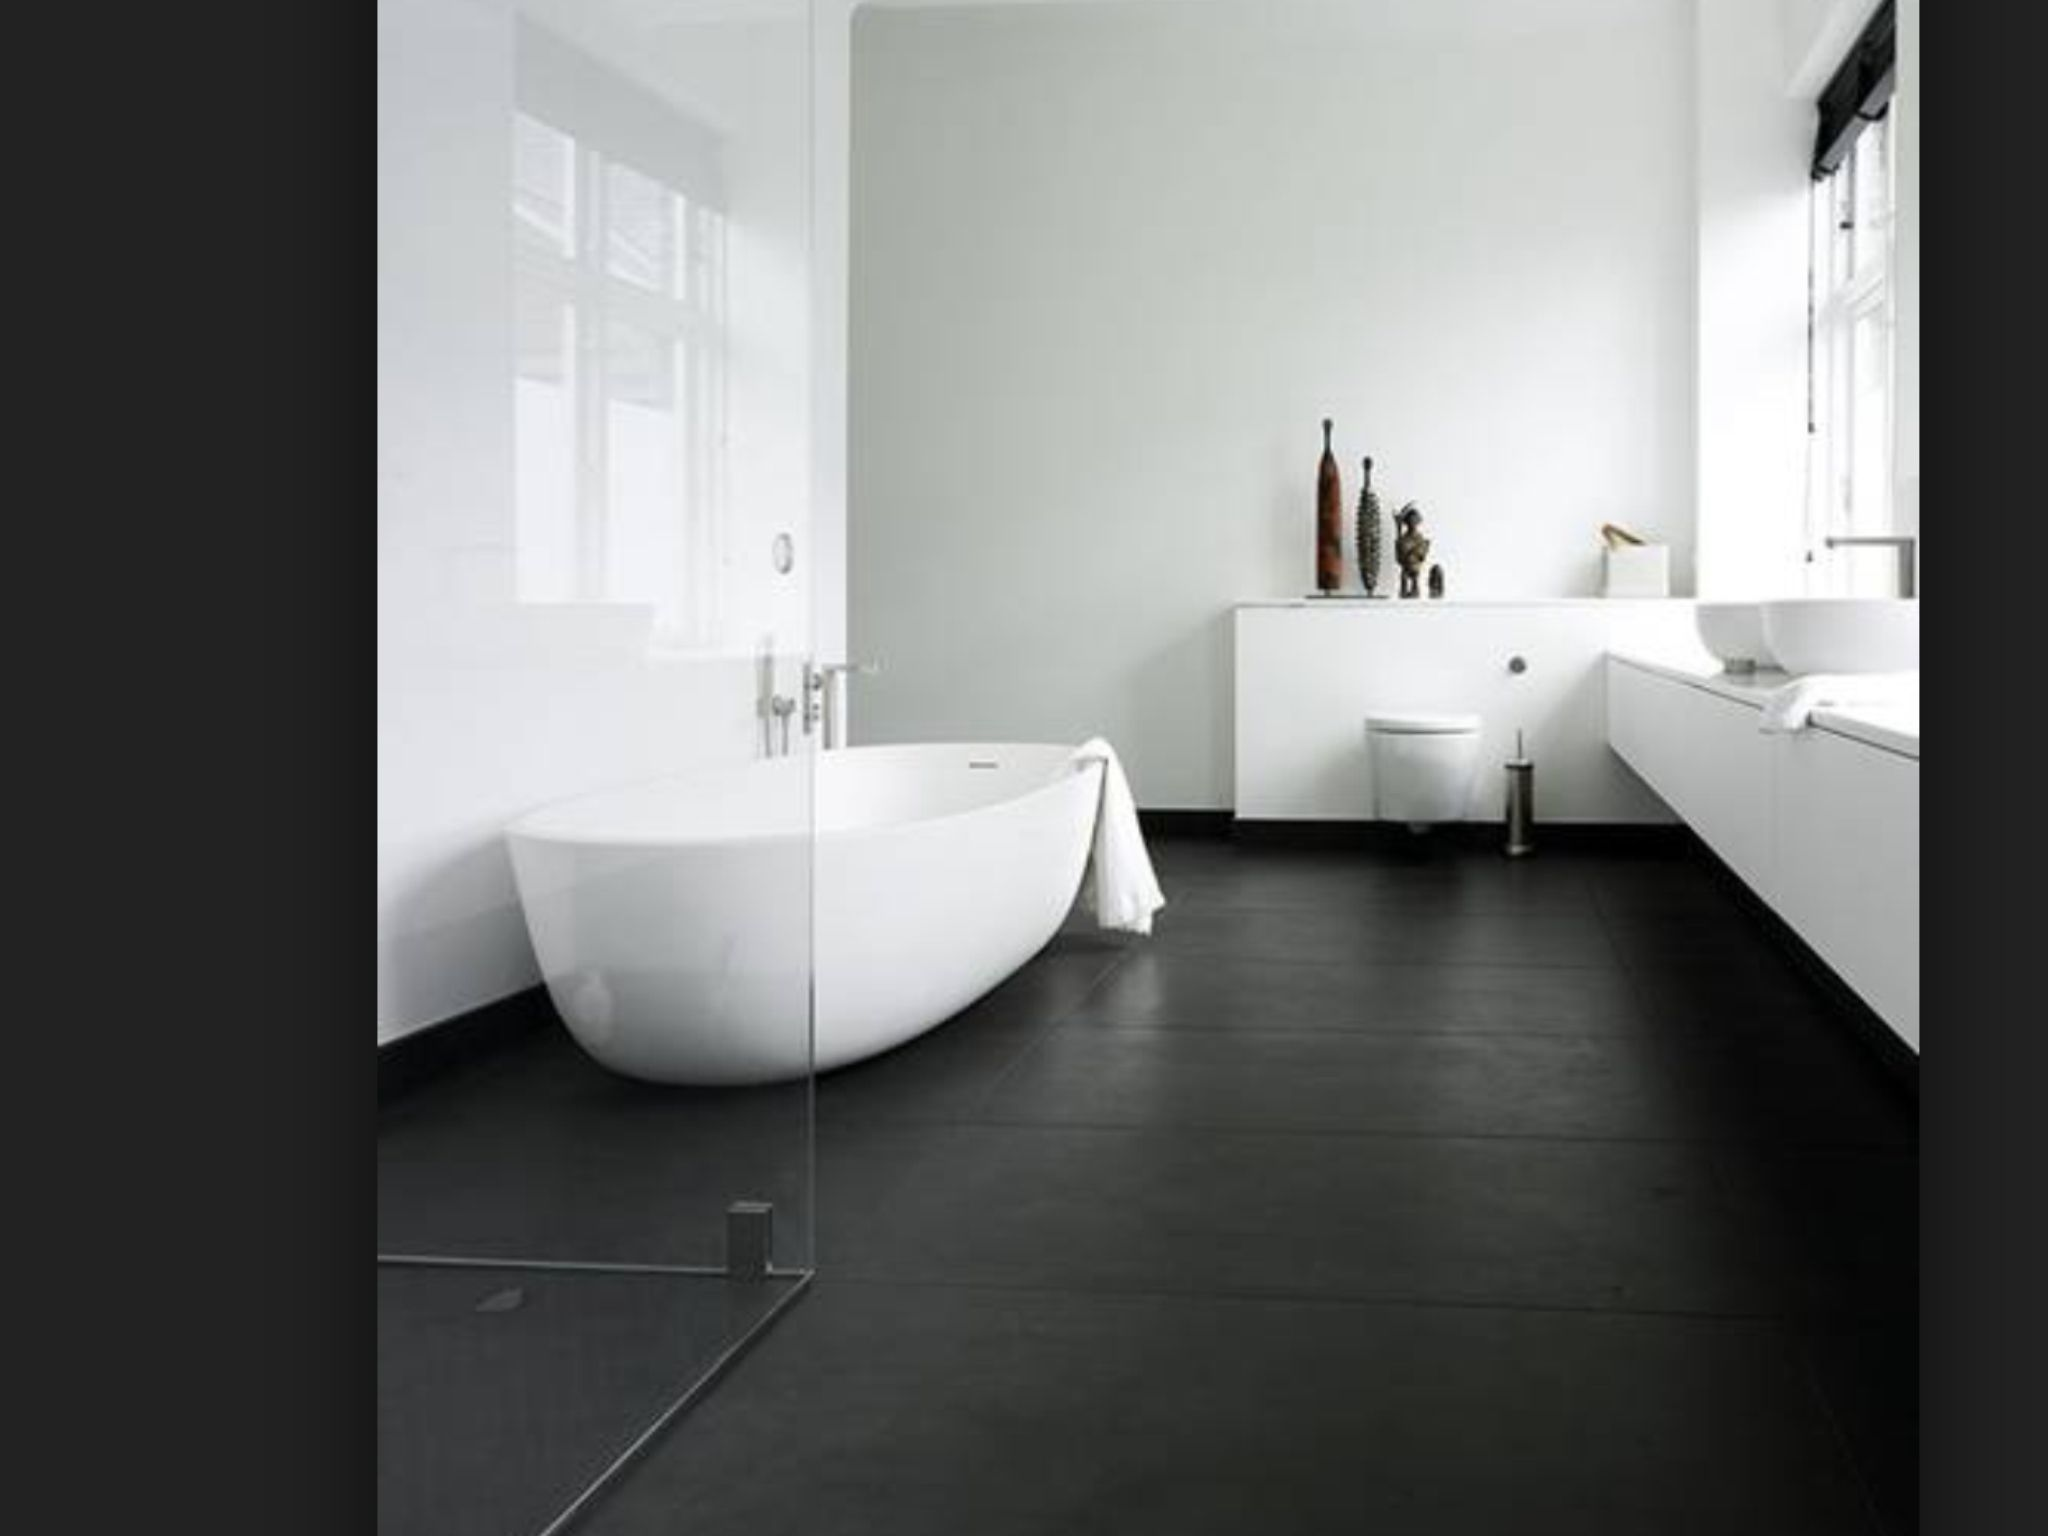 prachtige strakke badkamer badkamer pinterest badkamer